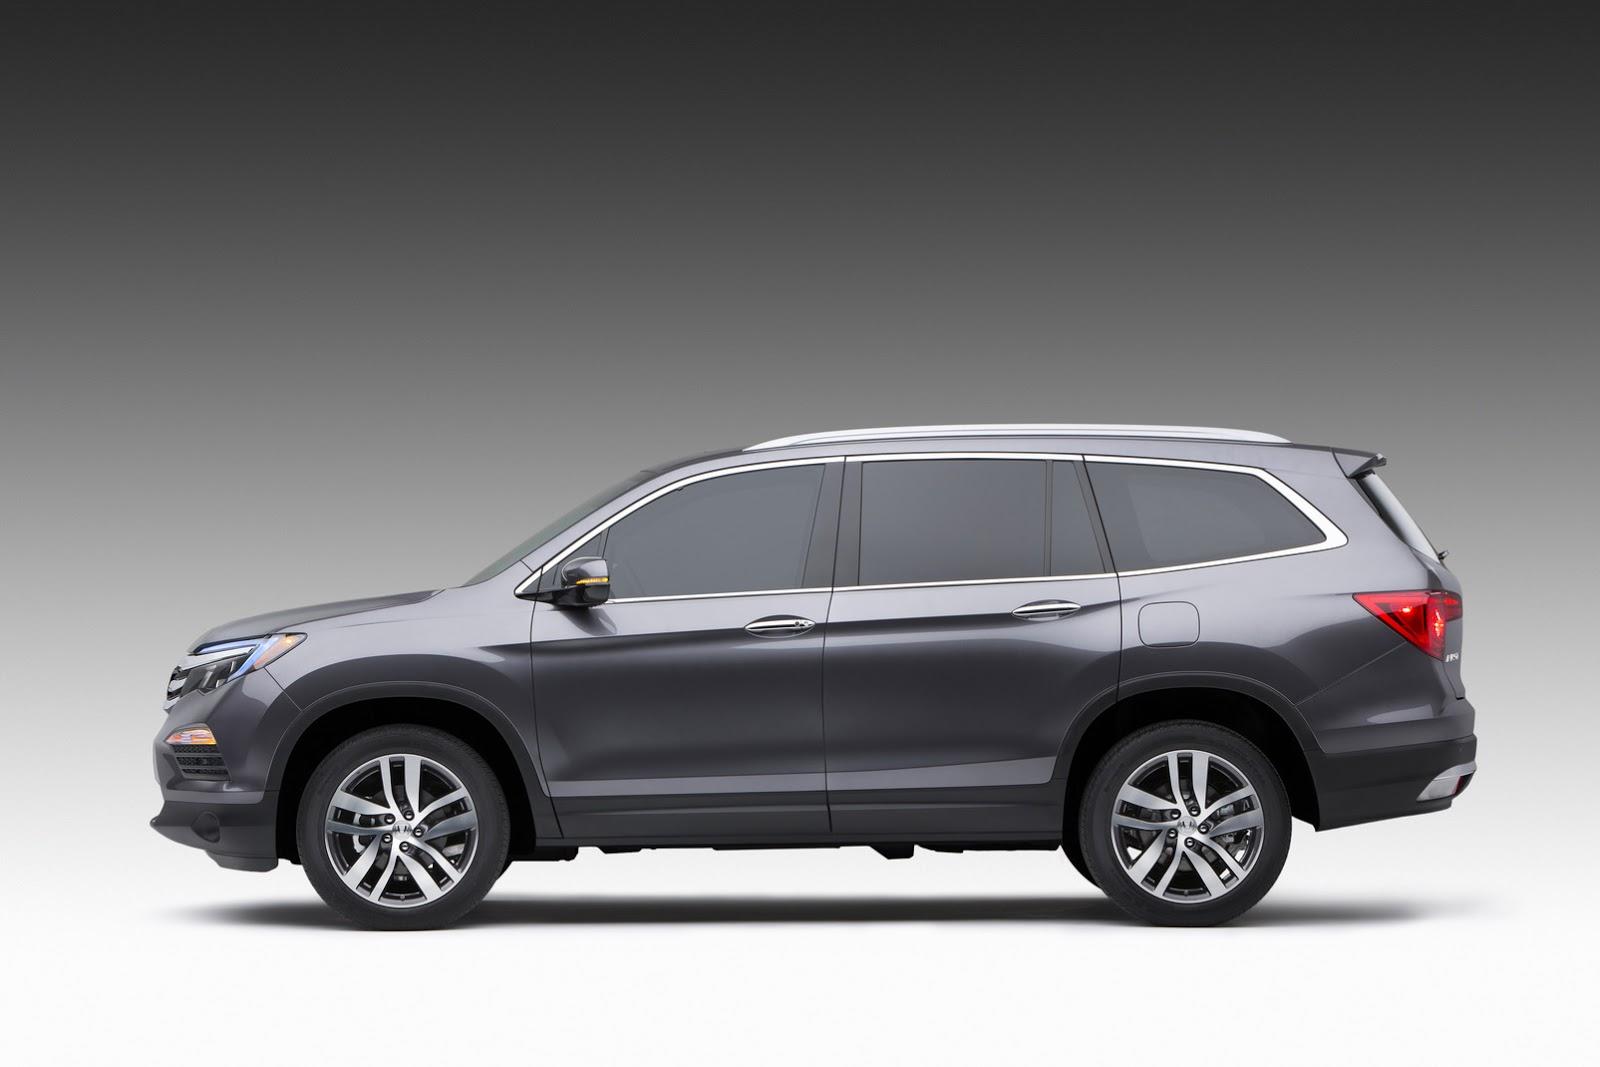 Honda Dealerships In Alabama 2016 Honda Pilot Hits Dealerships in June, Starting Price ...